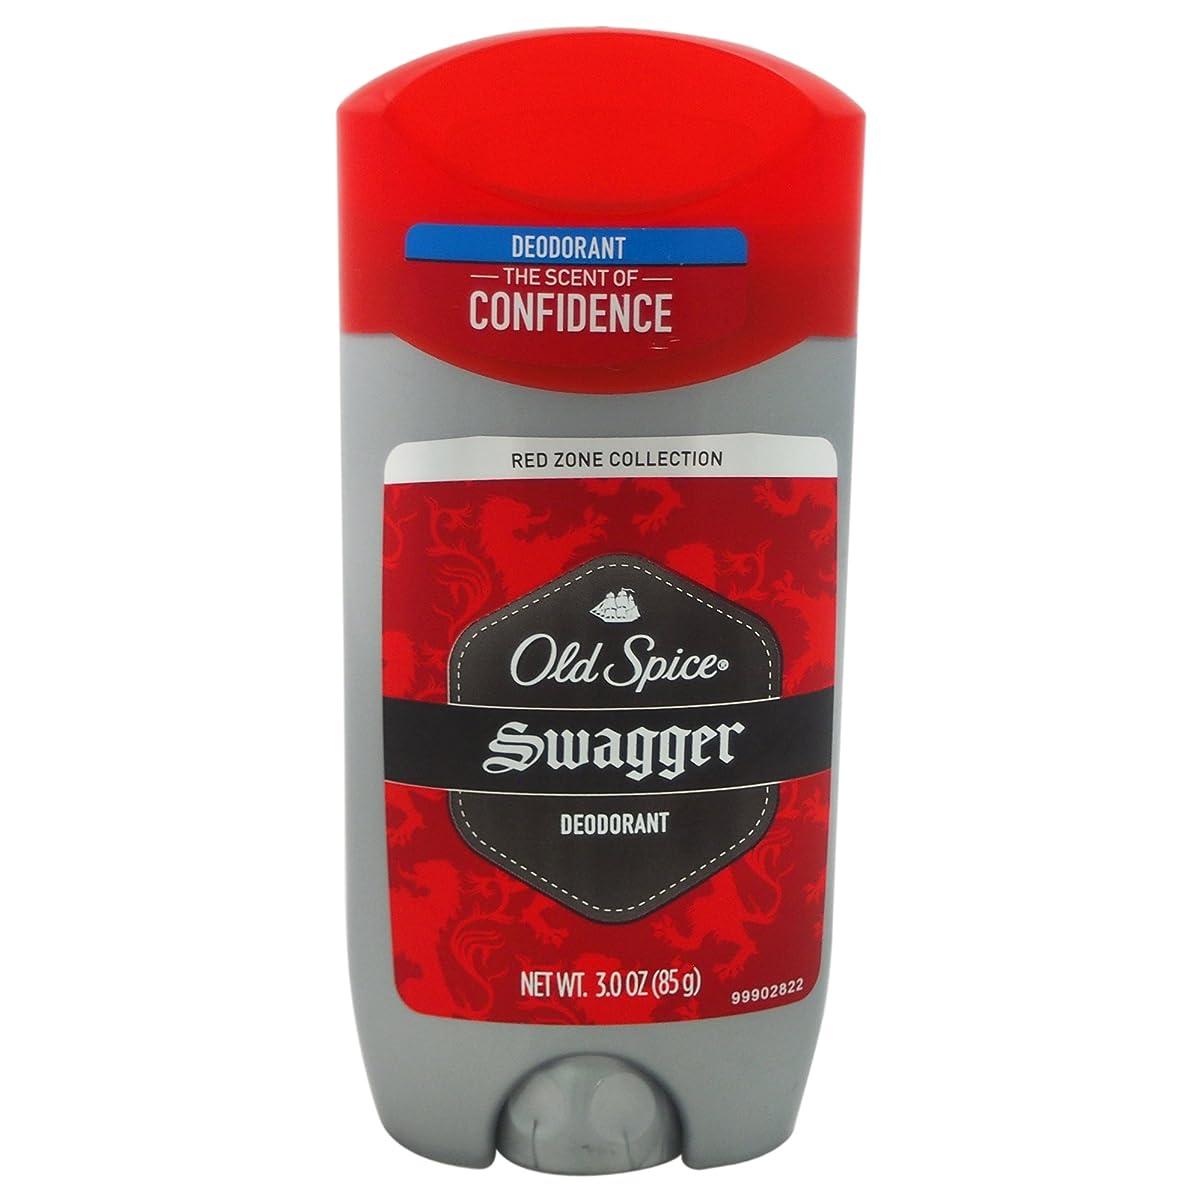 カヌー影響力のあるコンバーチブルオールドスパイス(Old Spice) RED ZONE COLLECTION スワッガー デオドラント 85g[並行輸入品]